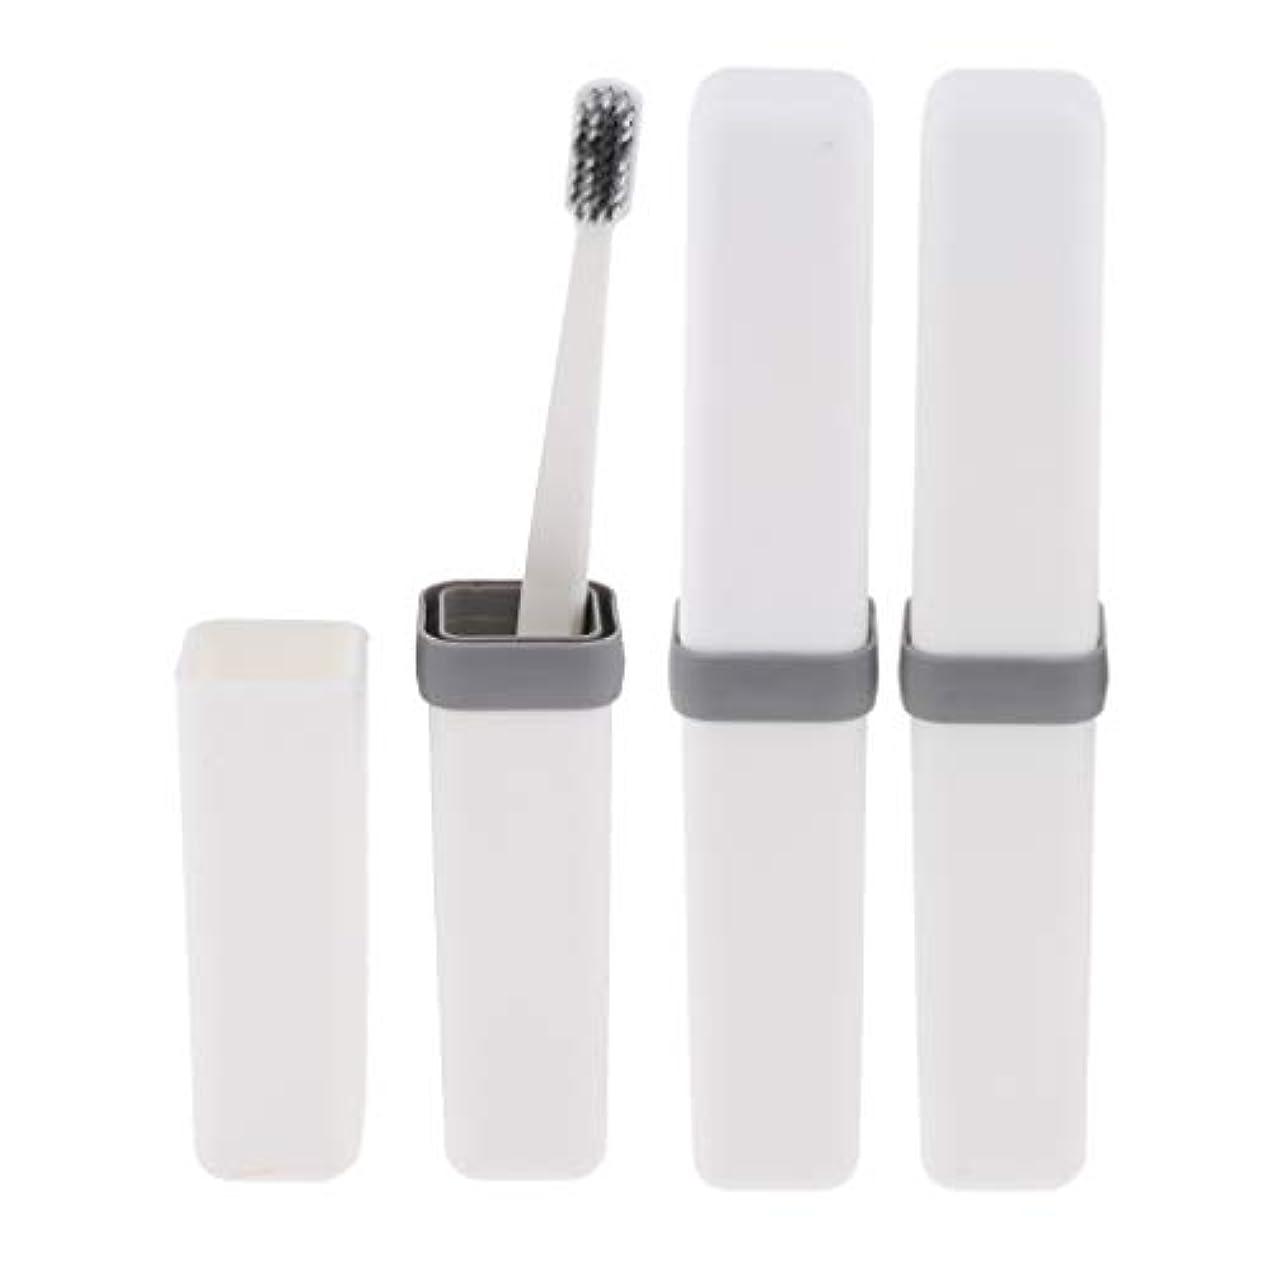 障害人物遠えFenteer 歯ブラシ 歯磨き 歯清潔 収納ボックス付 旅行 キャンプ 学校 軽量 携帯 実用的 3個 全4色 - 白